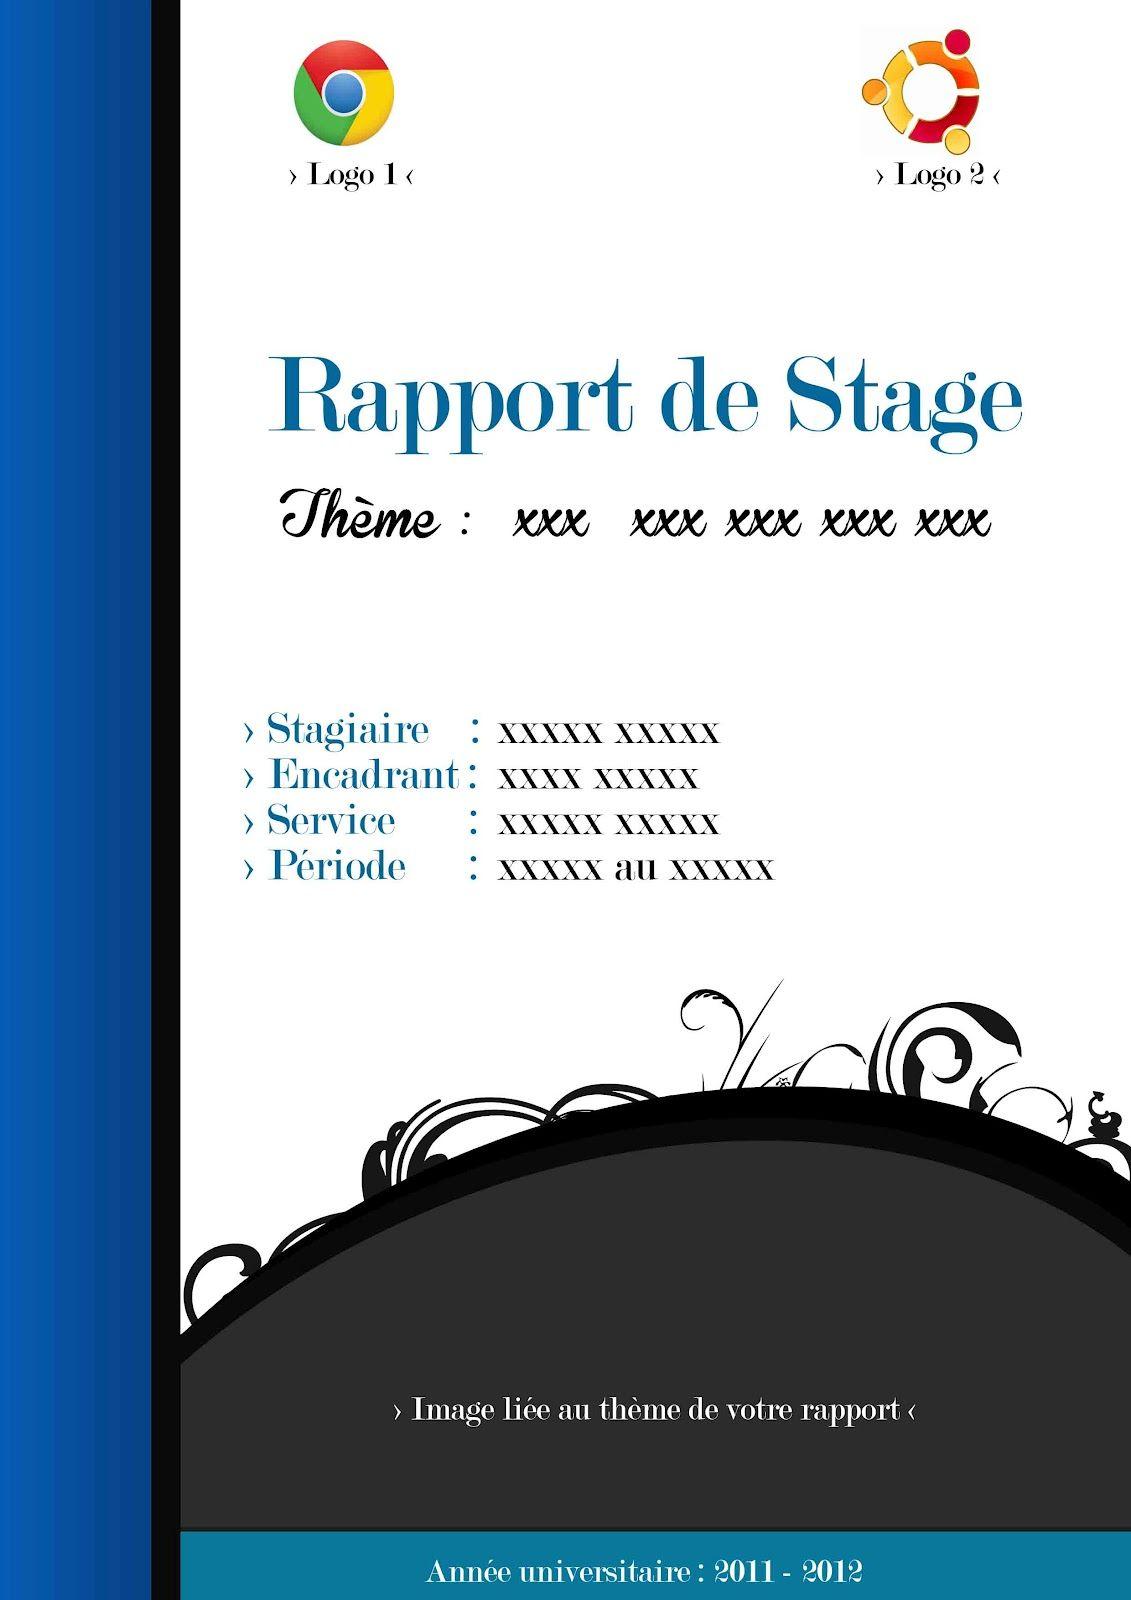 Exemple De Rapport De Stage A Telecharger Gratuitement Exemple De Rapport Presentation Rapport De Stage Modele De Rapport